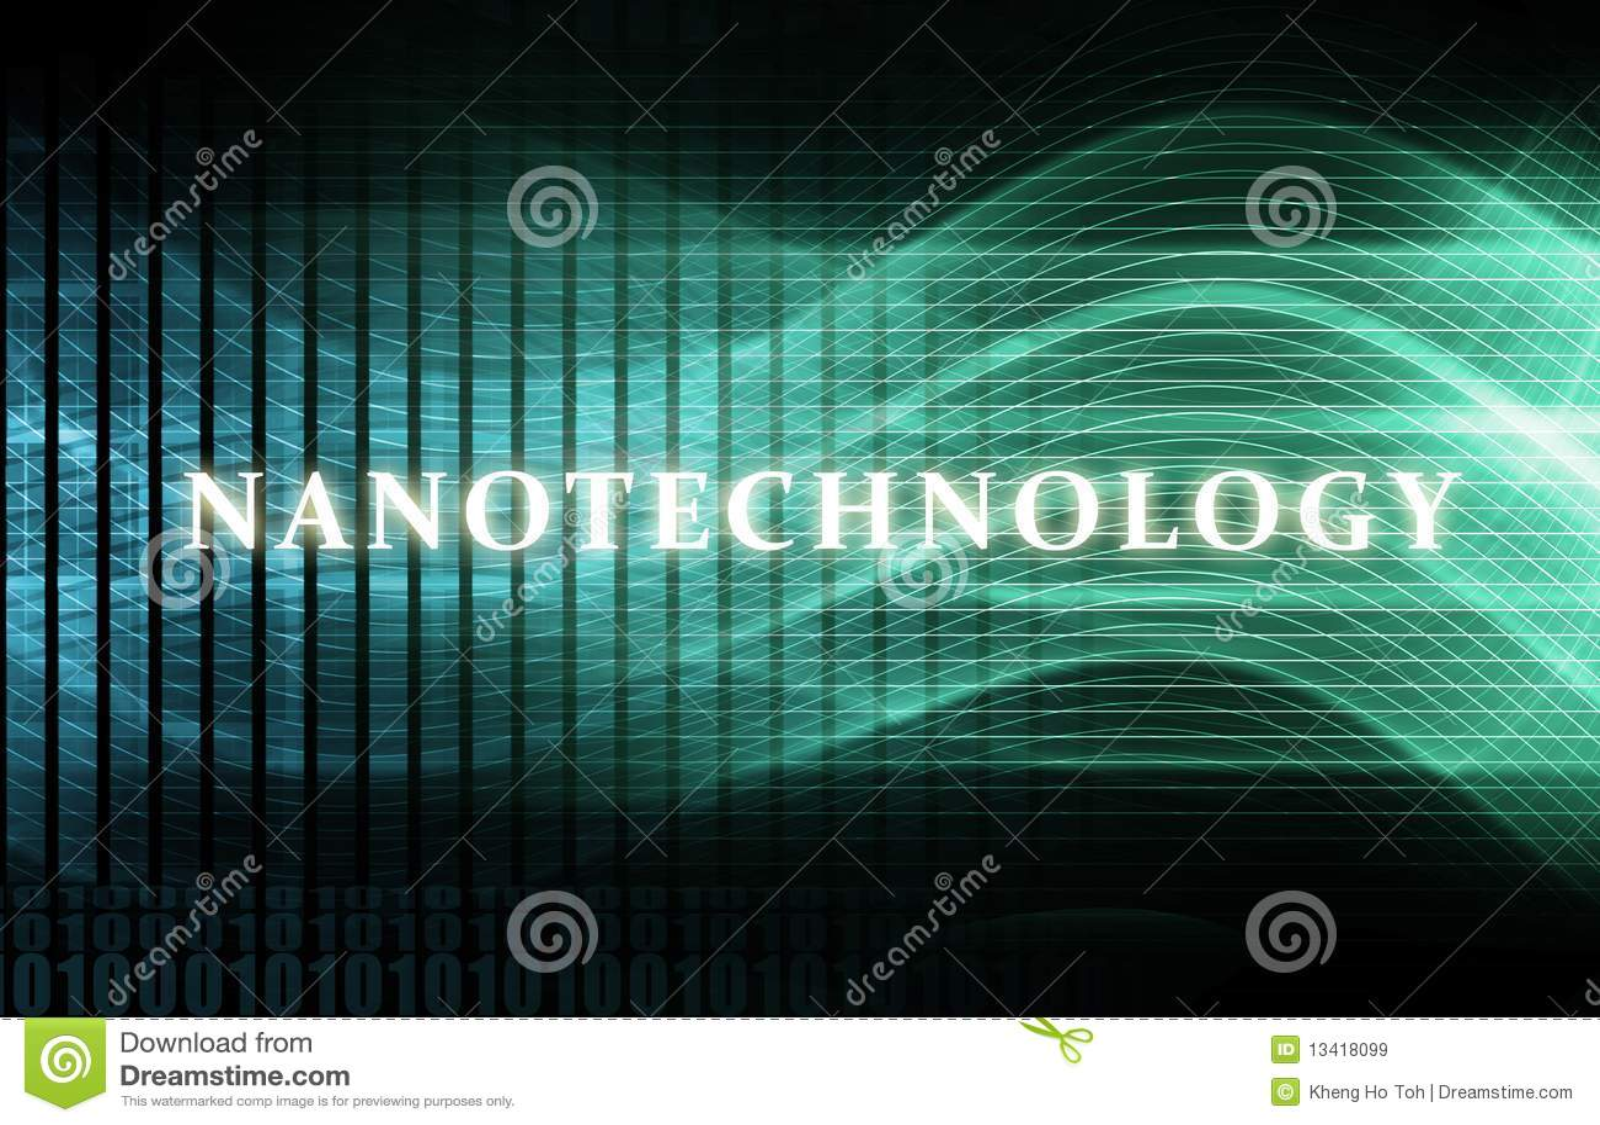 нанотехнология